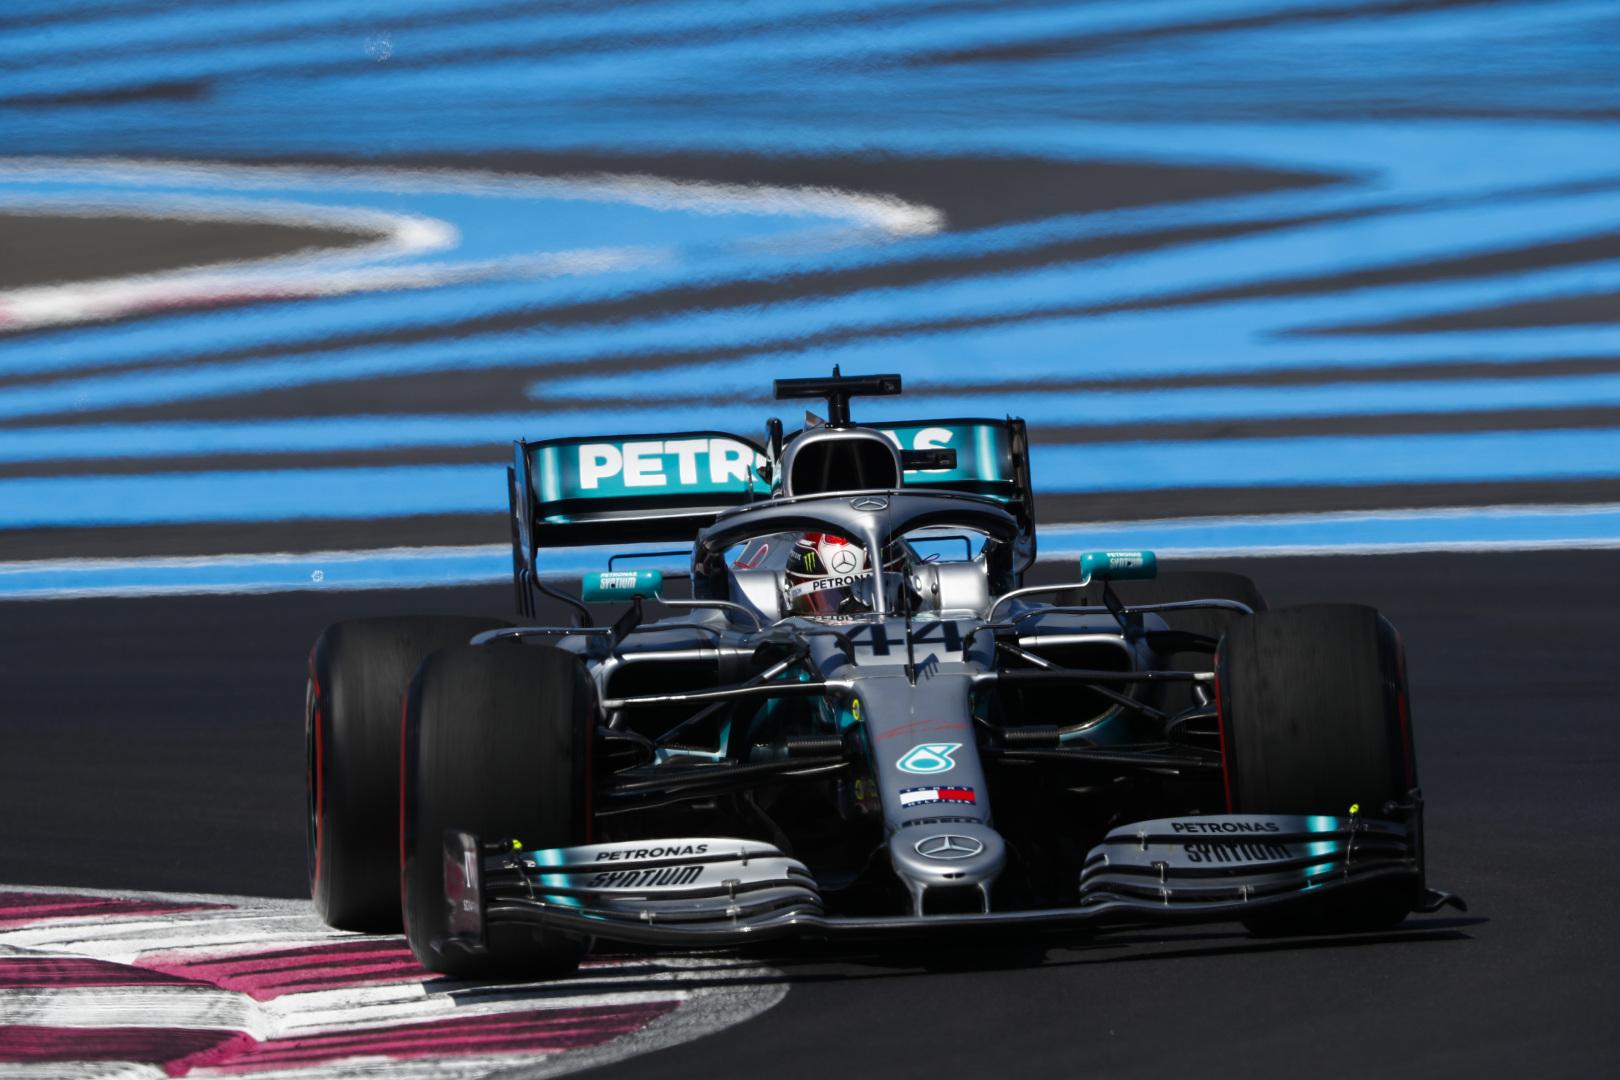 L. Hamiltonas prognozuoja nuobodų lenktynių savaitgalį